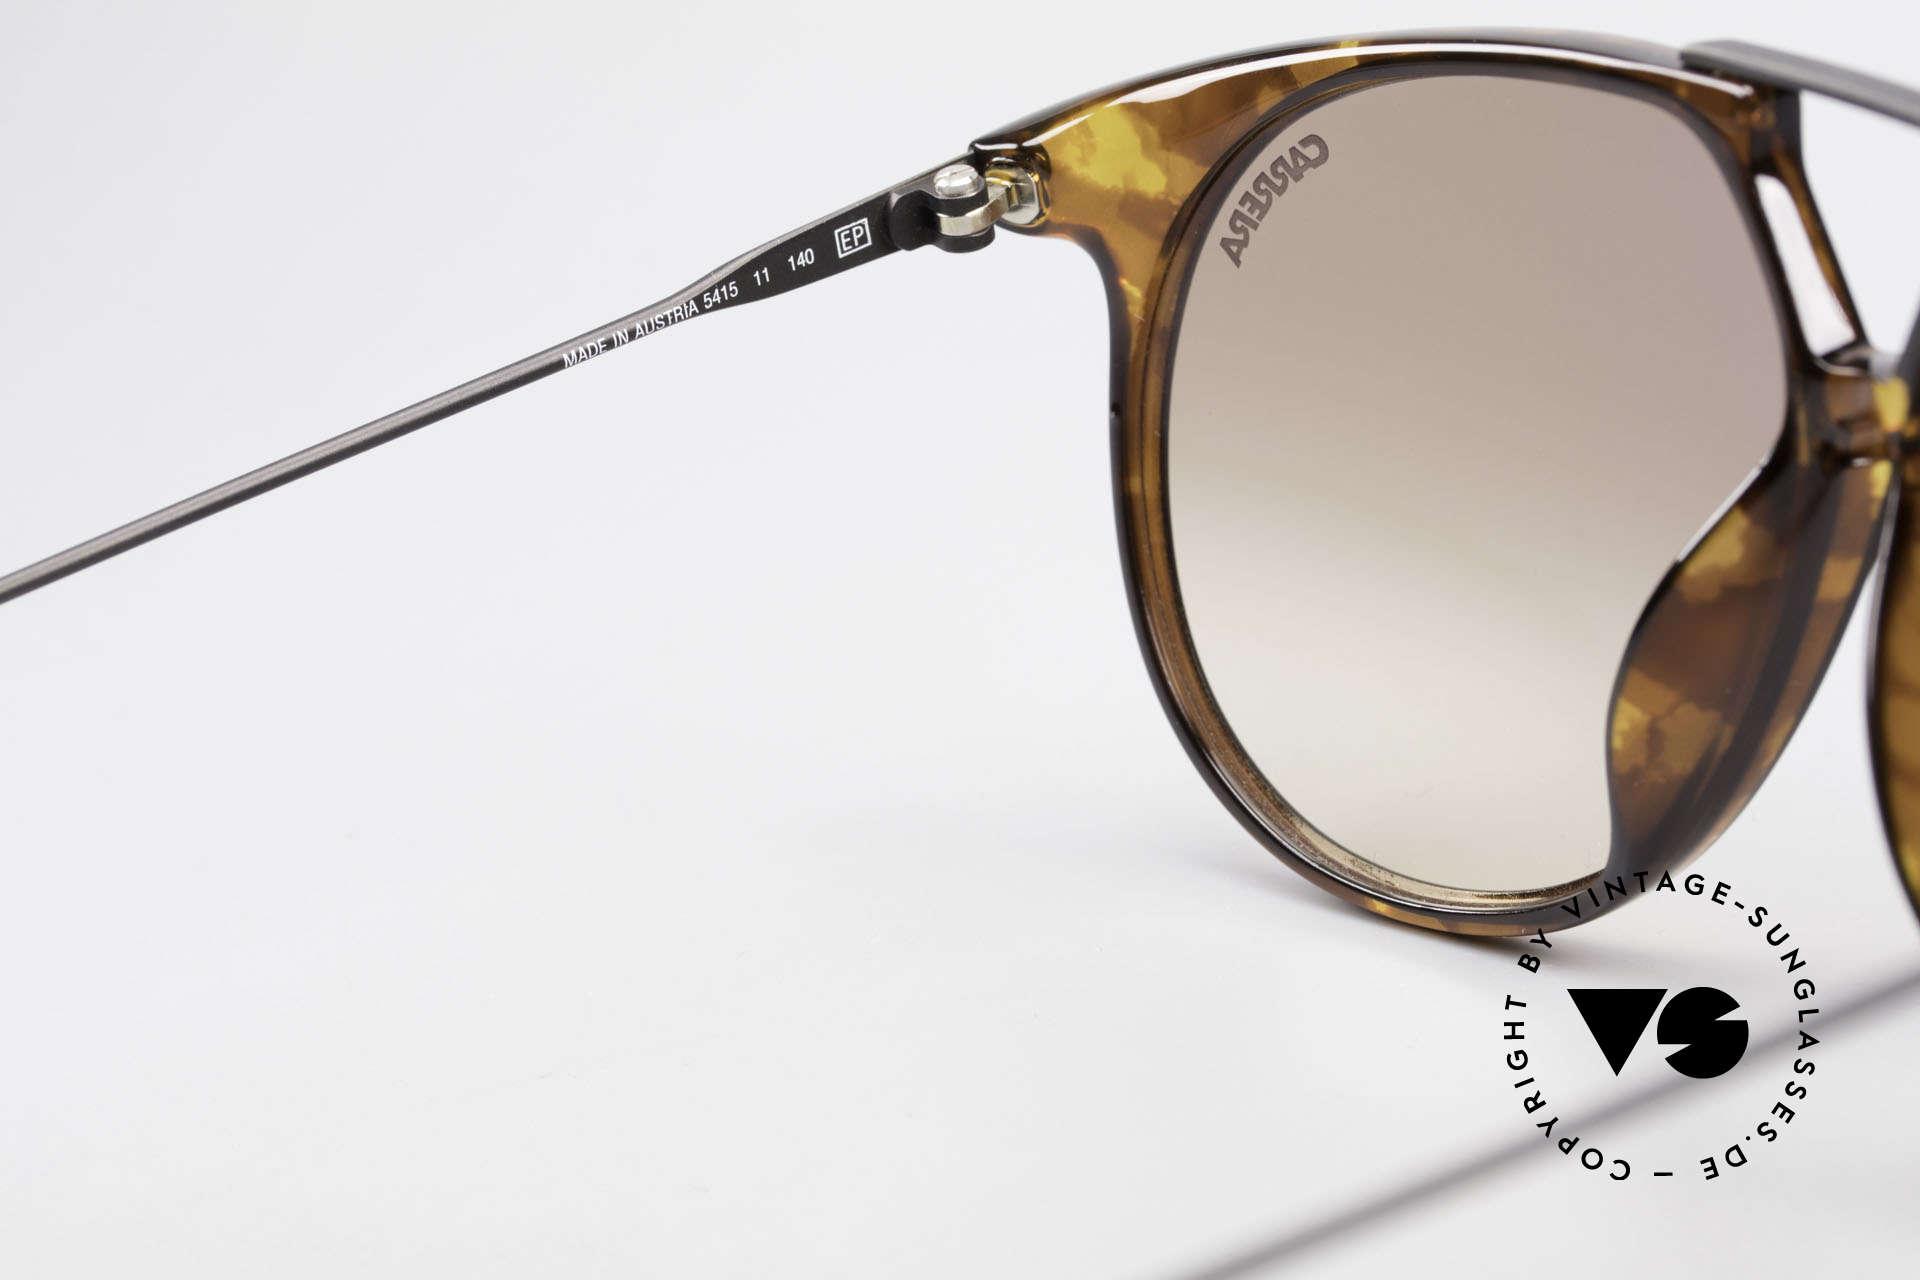 Carrera 5415 80s Sonnenbrille 2 Paar Gläser, KEINE RETROsonnenbrille; ein 30 Jahre altes Unikat!, Passend für Herren